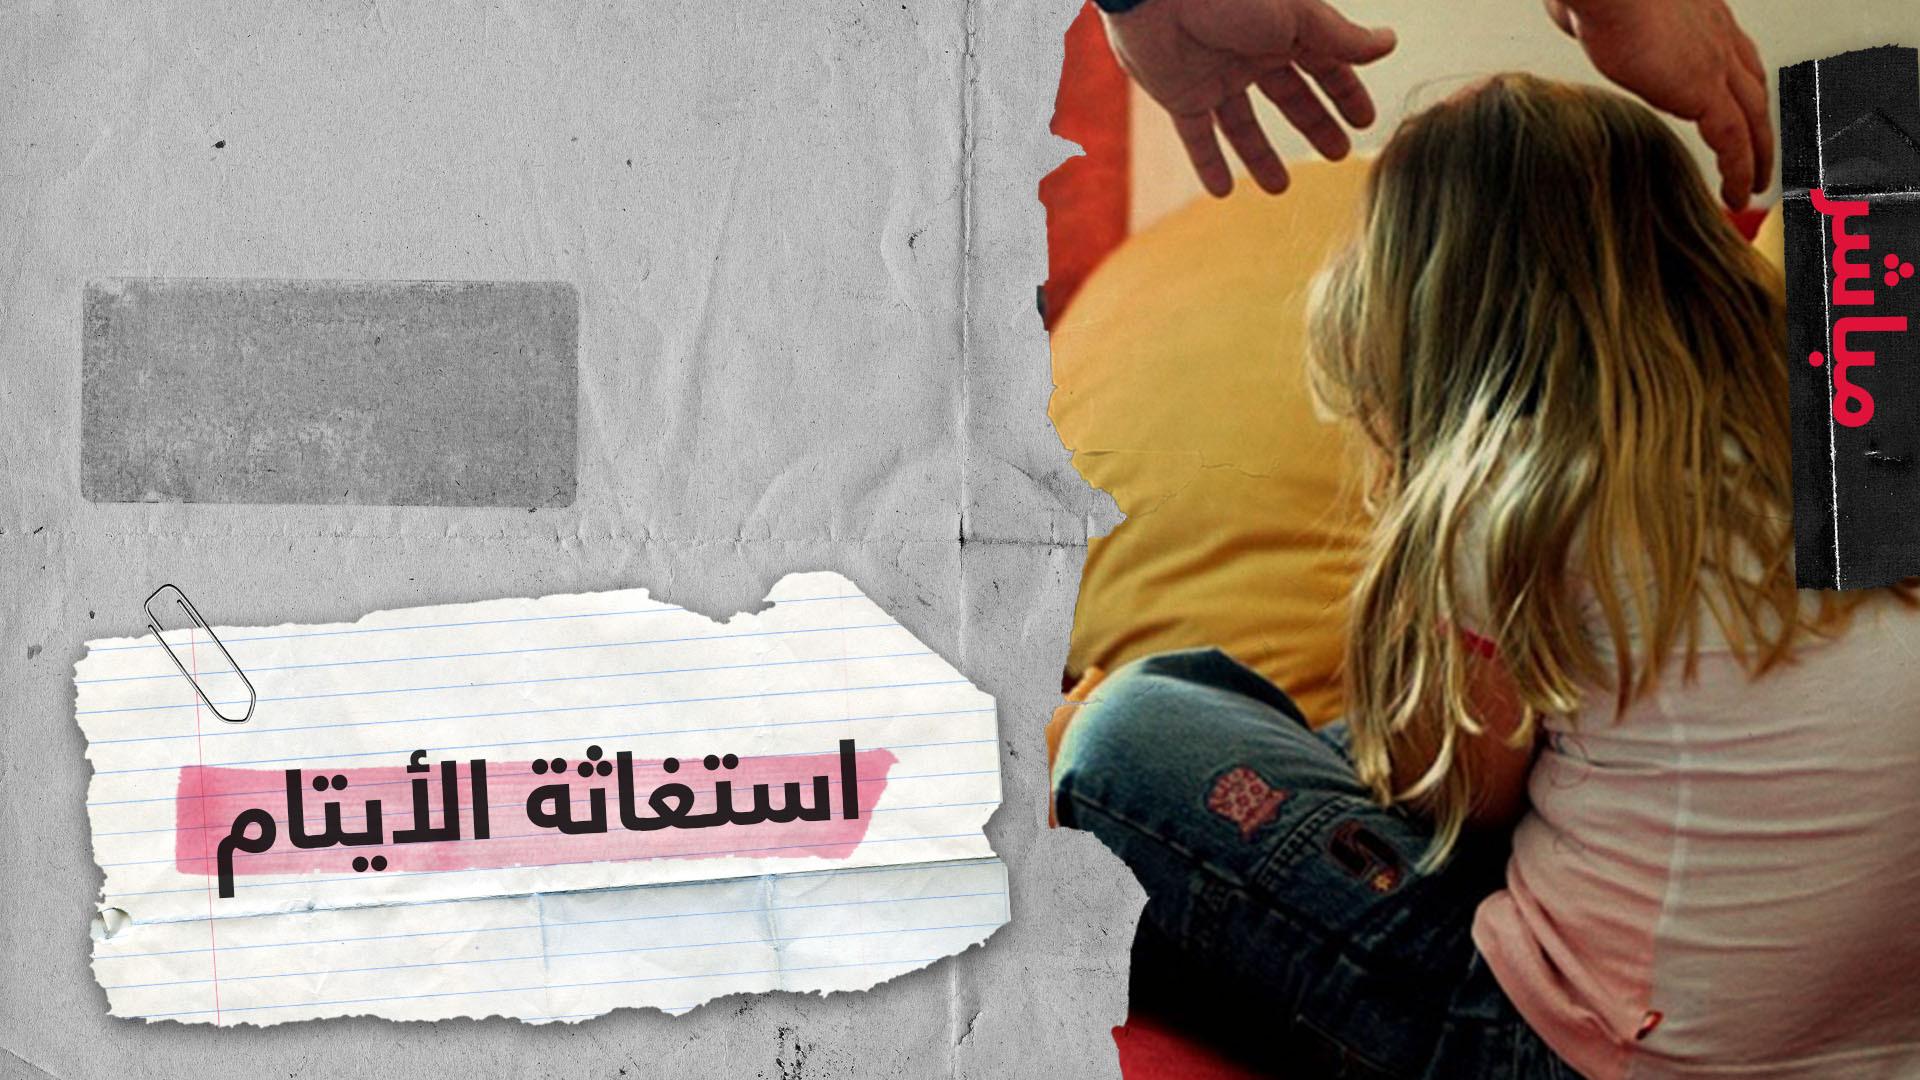 تحرش بفتيات قاصرات في دار للأيتام بمصر